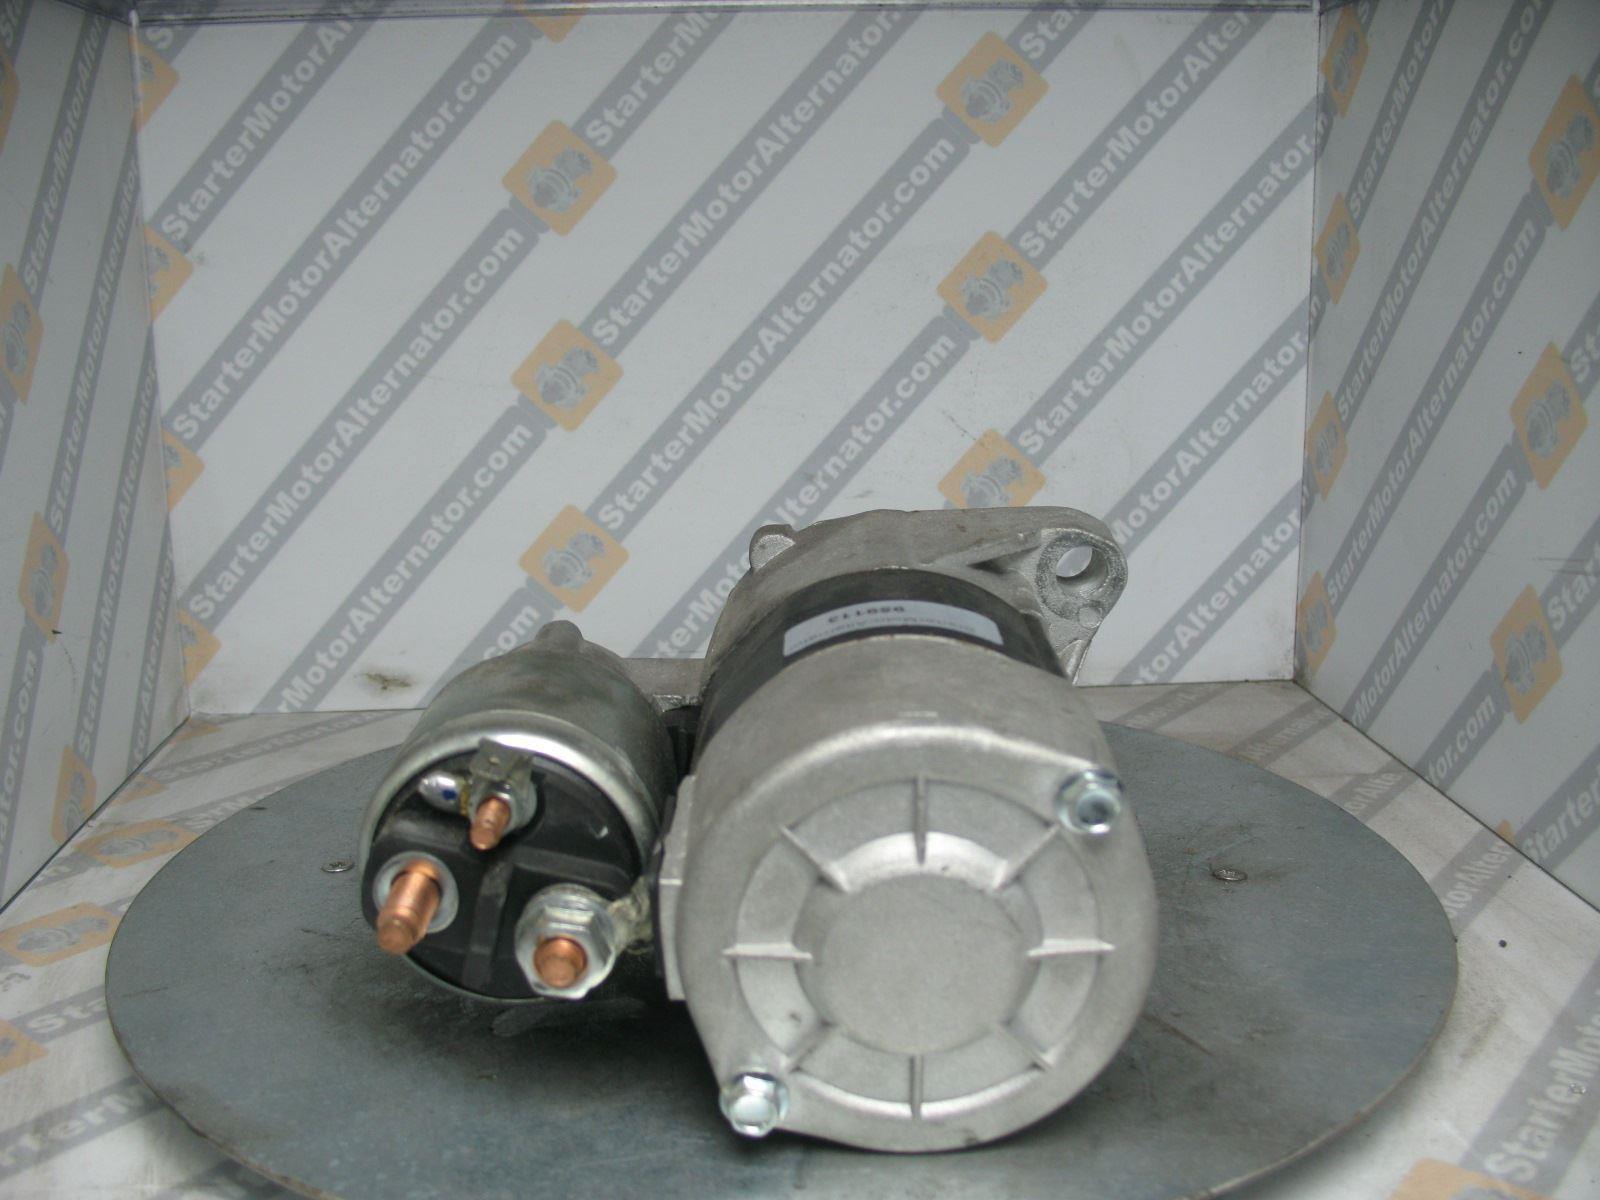 XIS1243 Starter Motor For Citroen / Dacia / Nissan / Proton / Renault